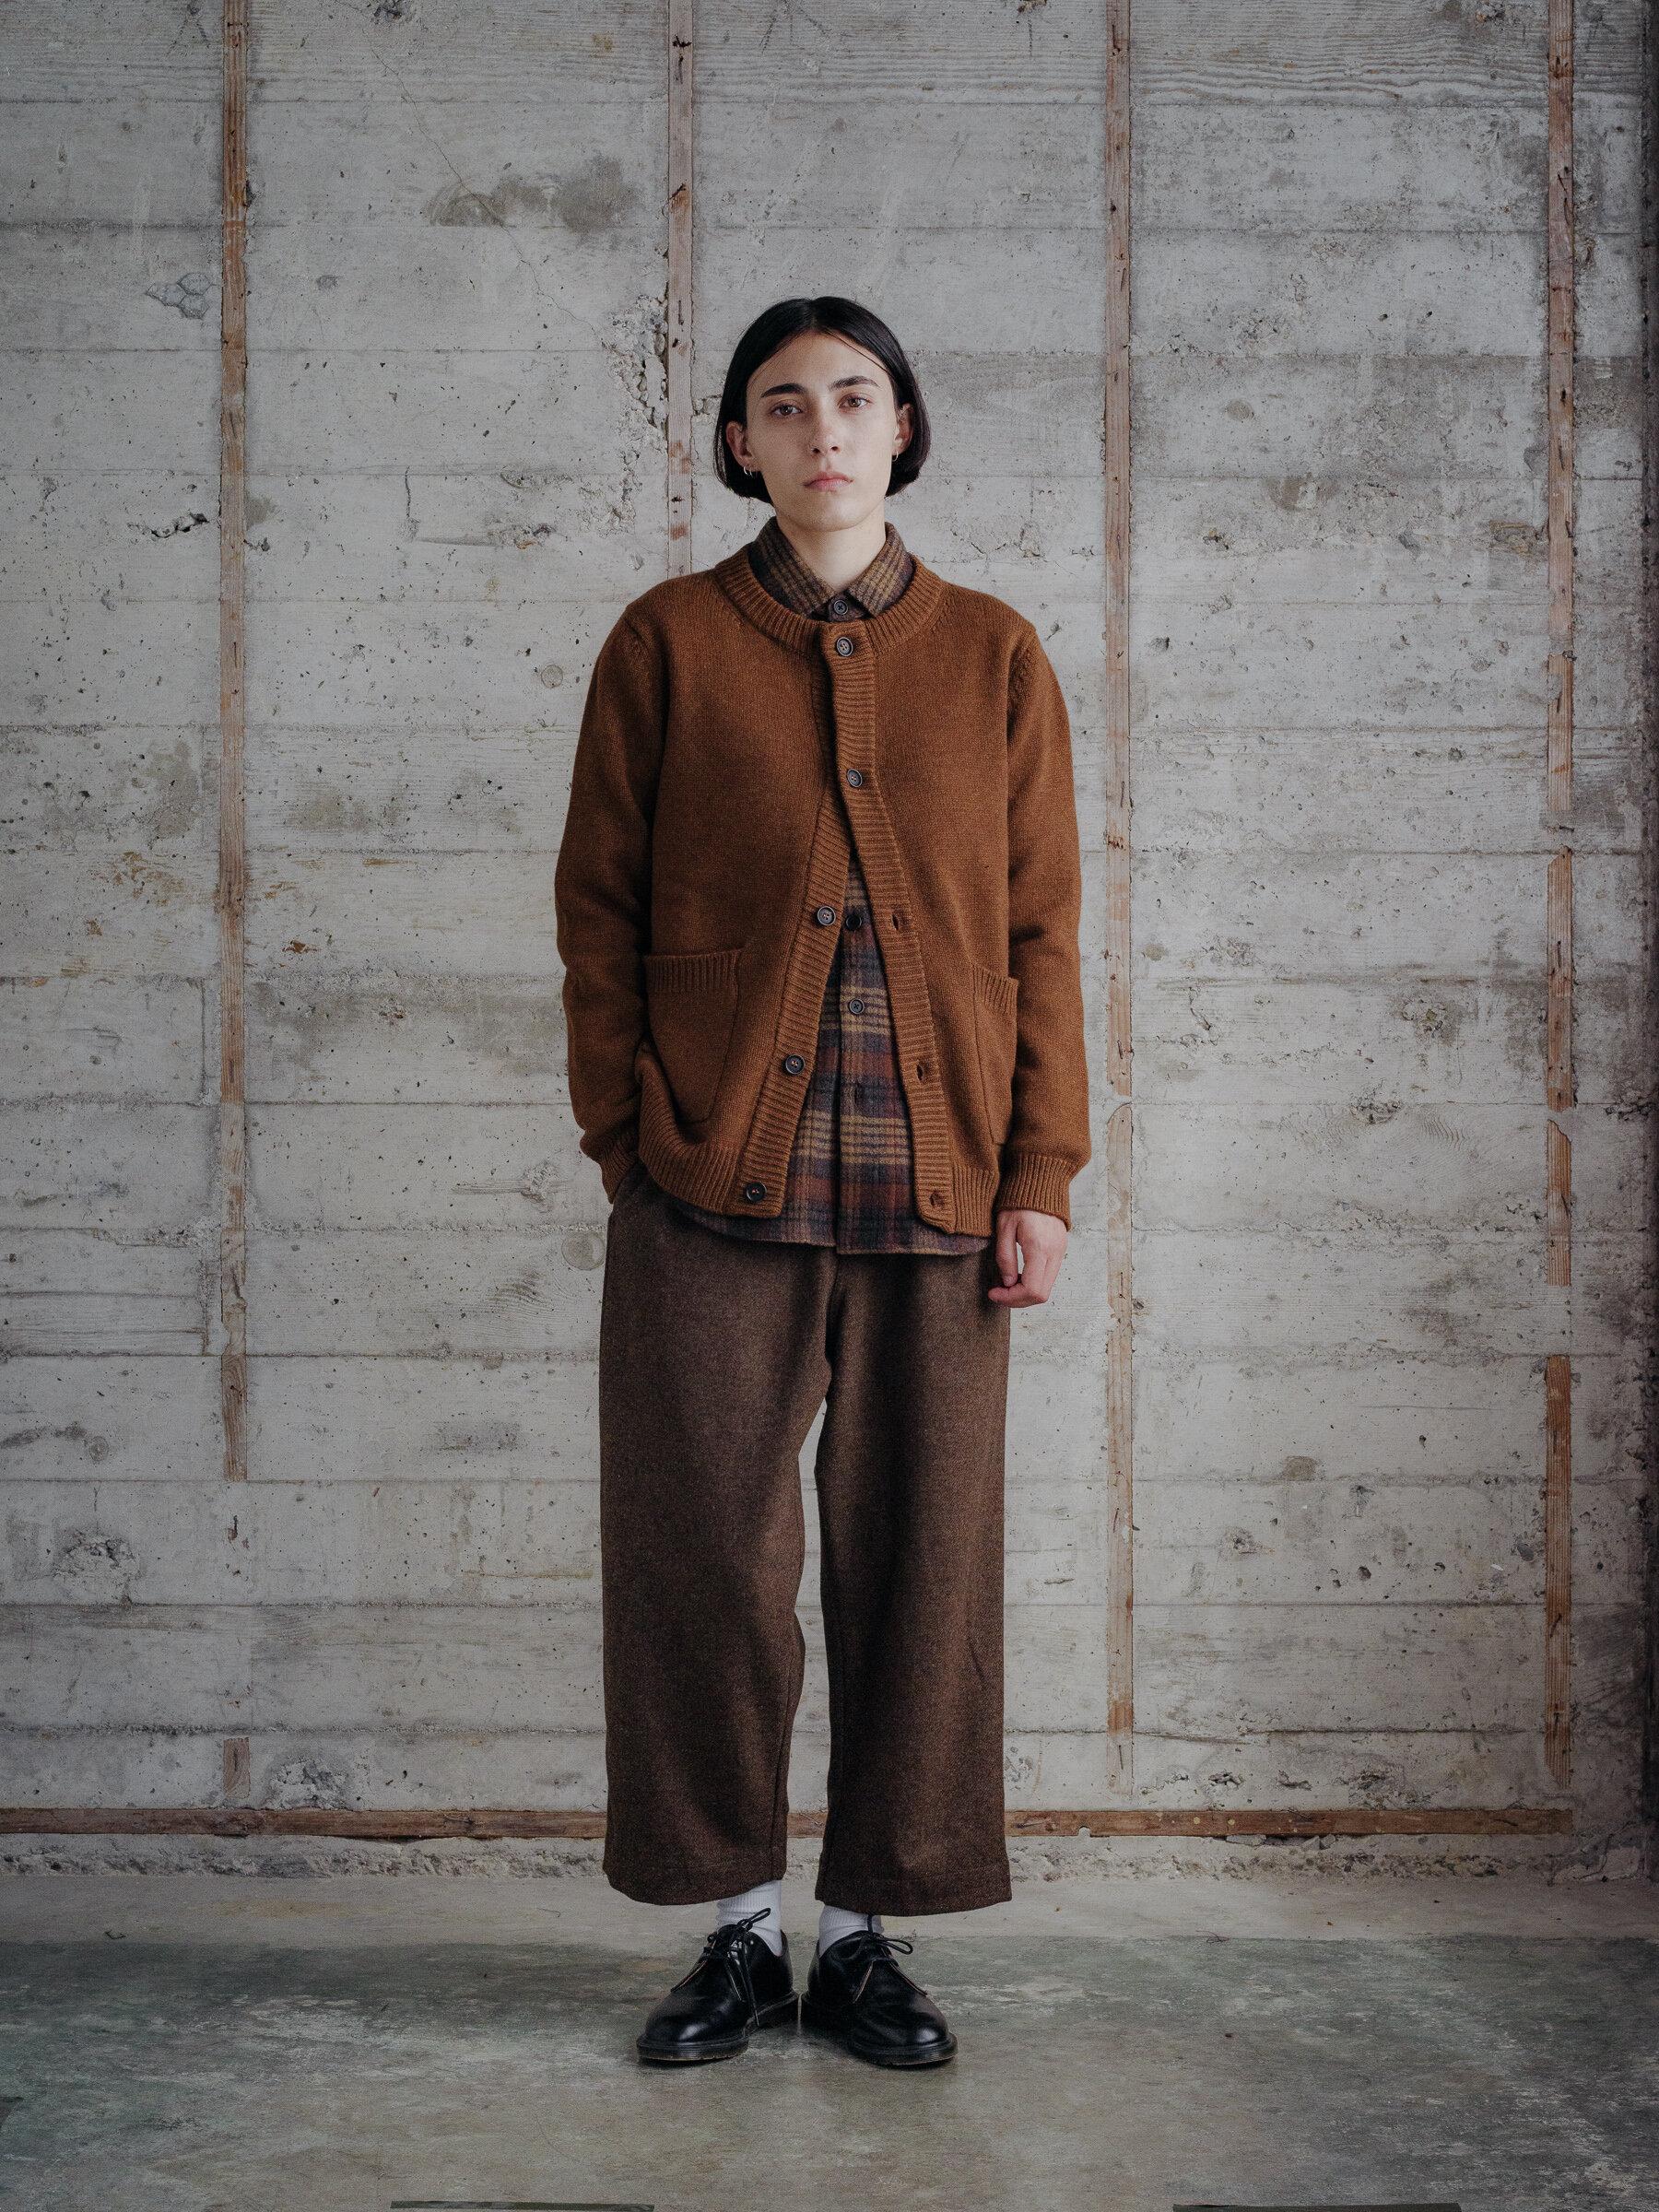 evan-kinori-crewneck-cardigan-sweater-cashmere-lambswool-made-in-italy-8